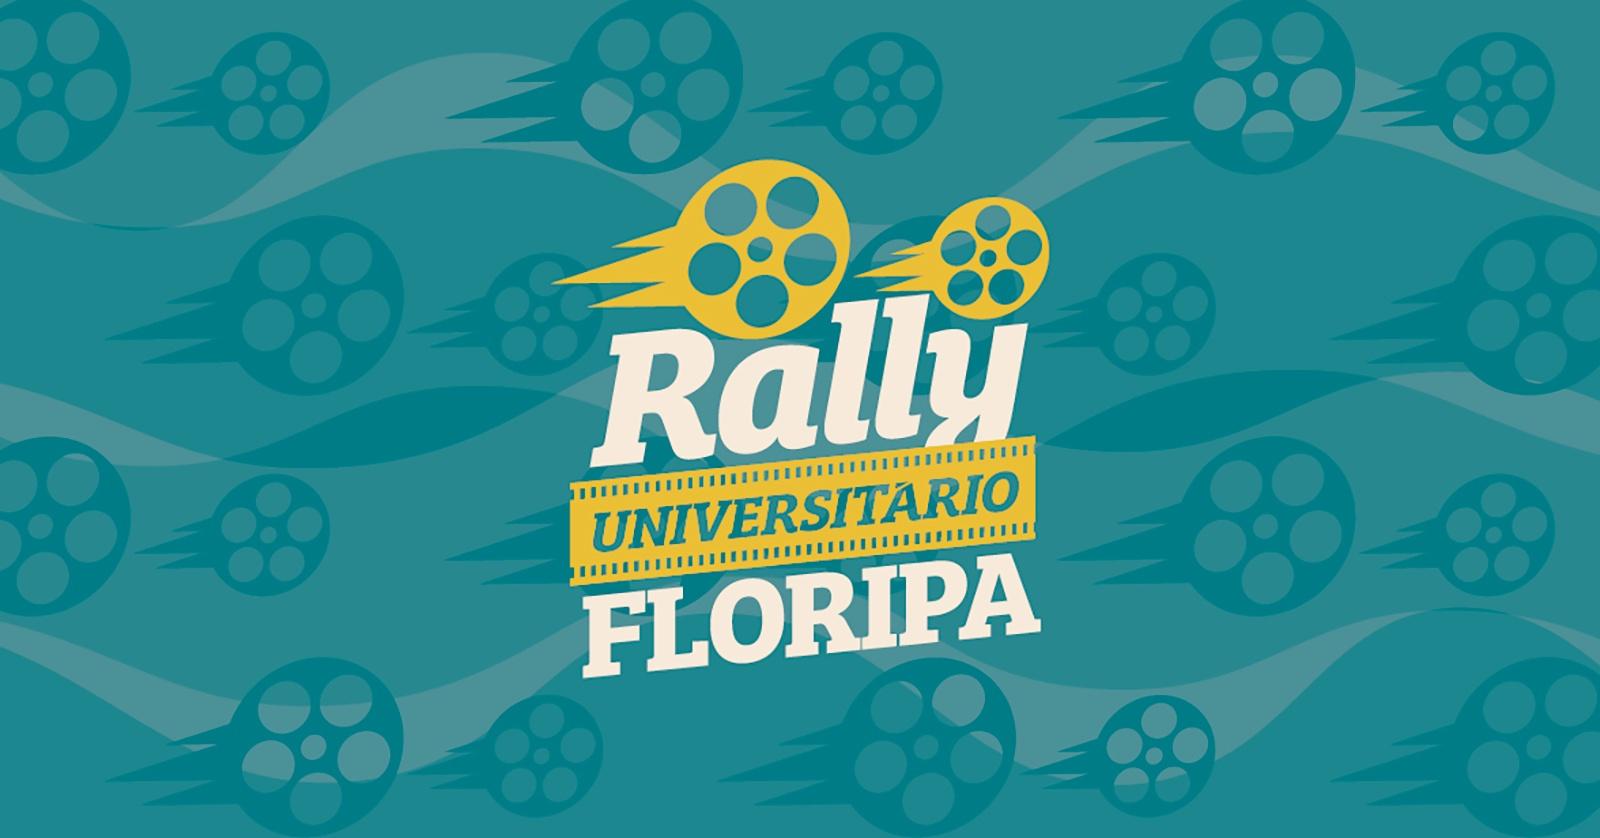 Segunda Chamada de inscrições para o Rally Universitário Floripa 2020